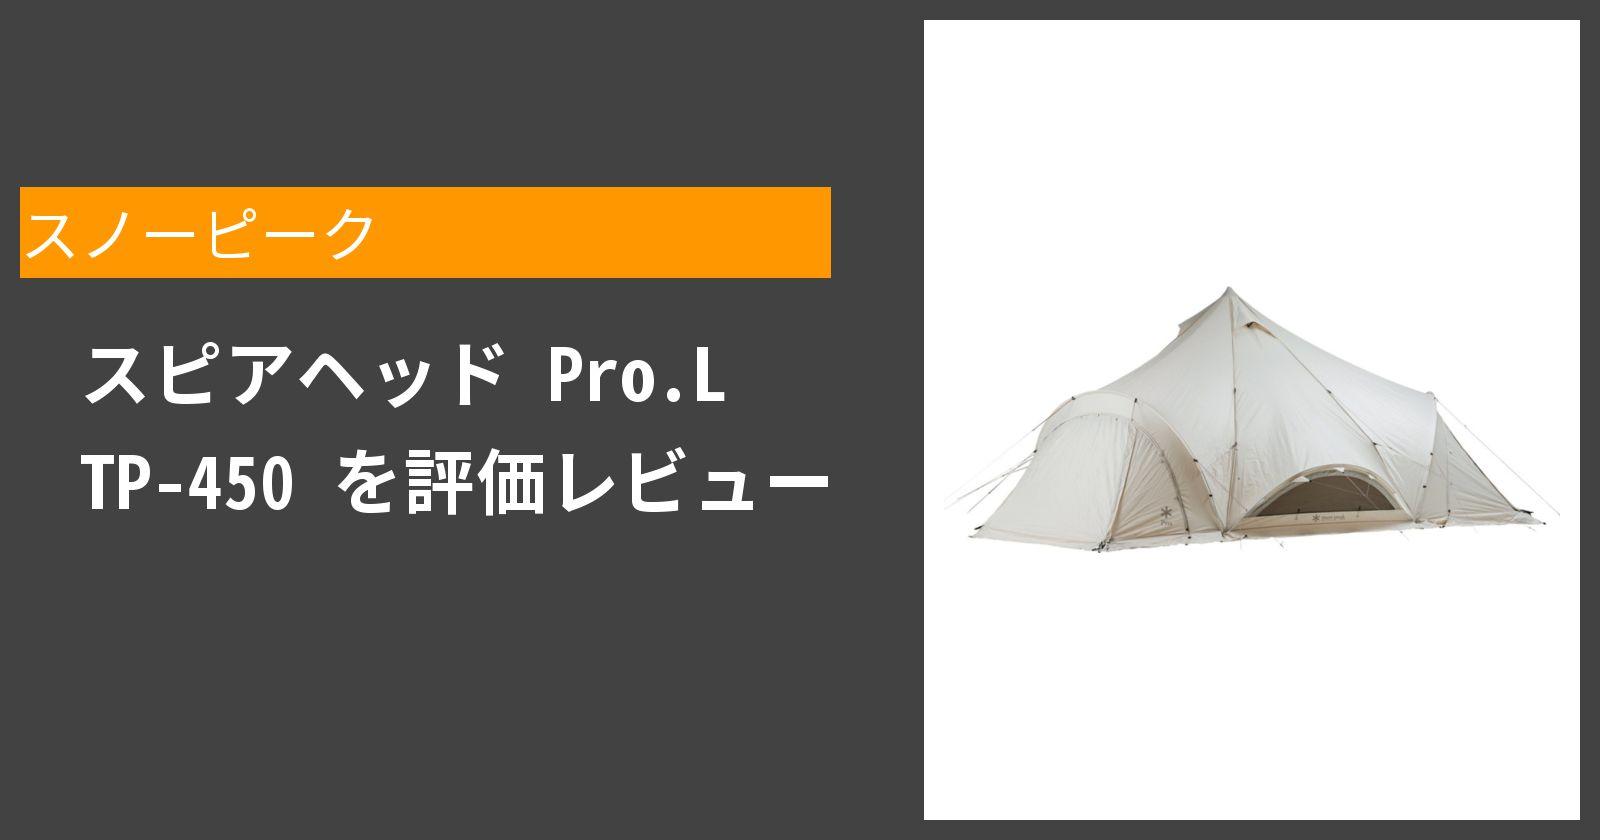 スピアヘッド Pro.L TP-450を徹底評価